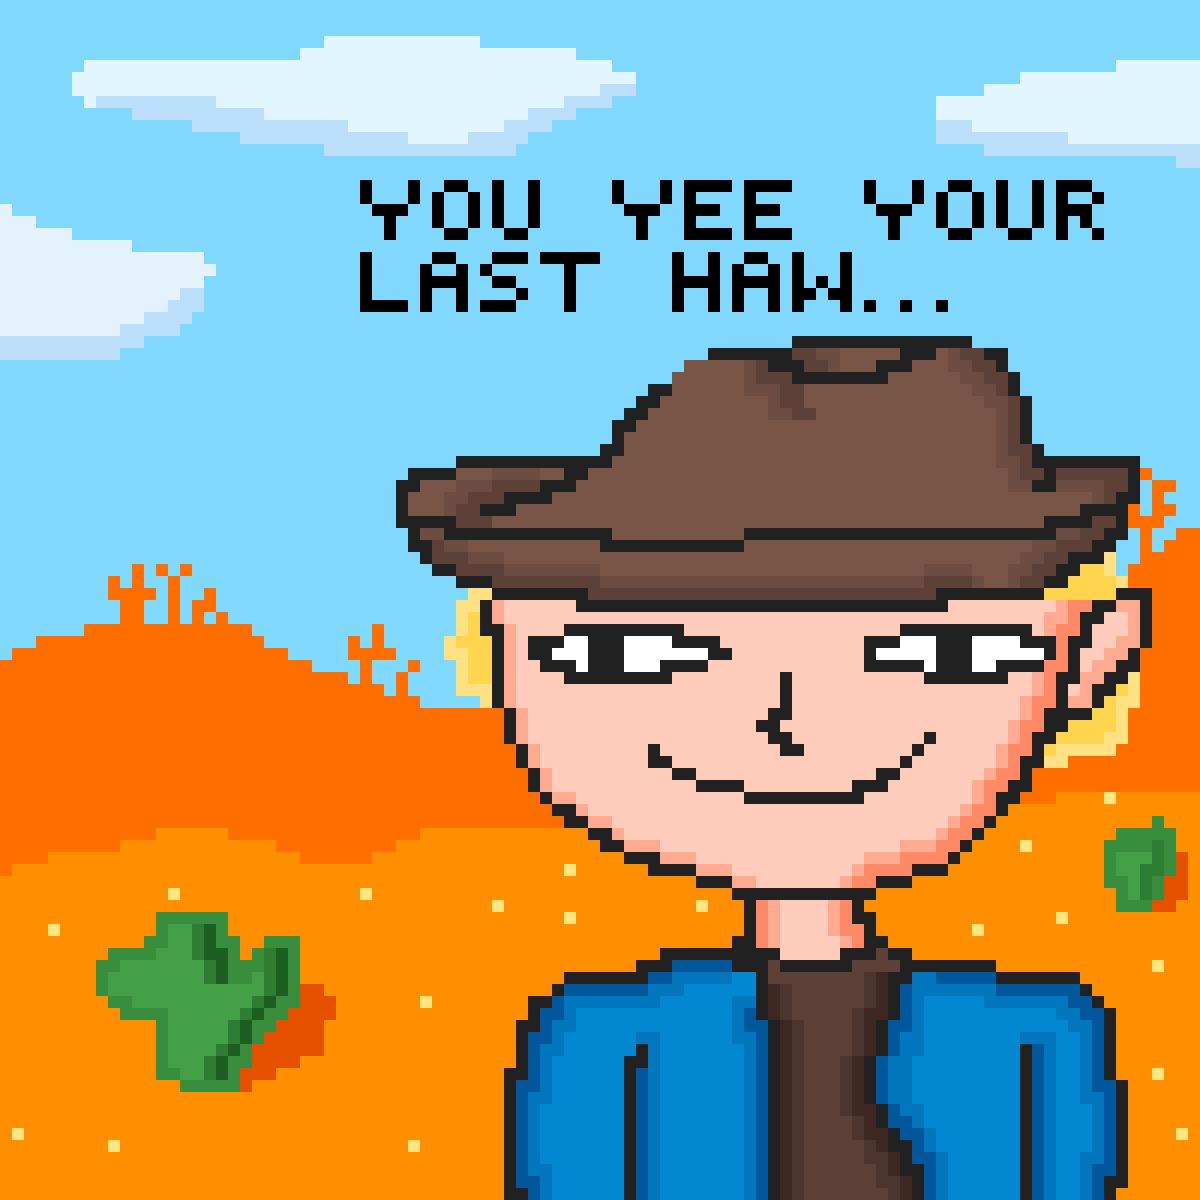 Hat by Indie4caps